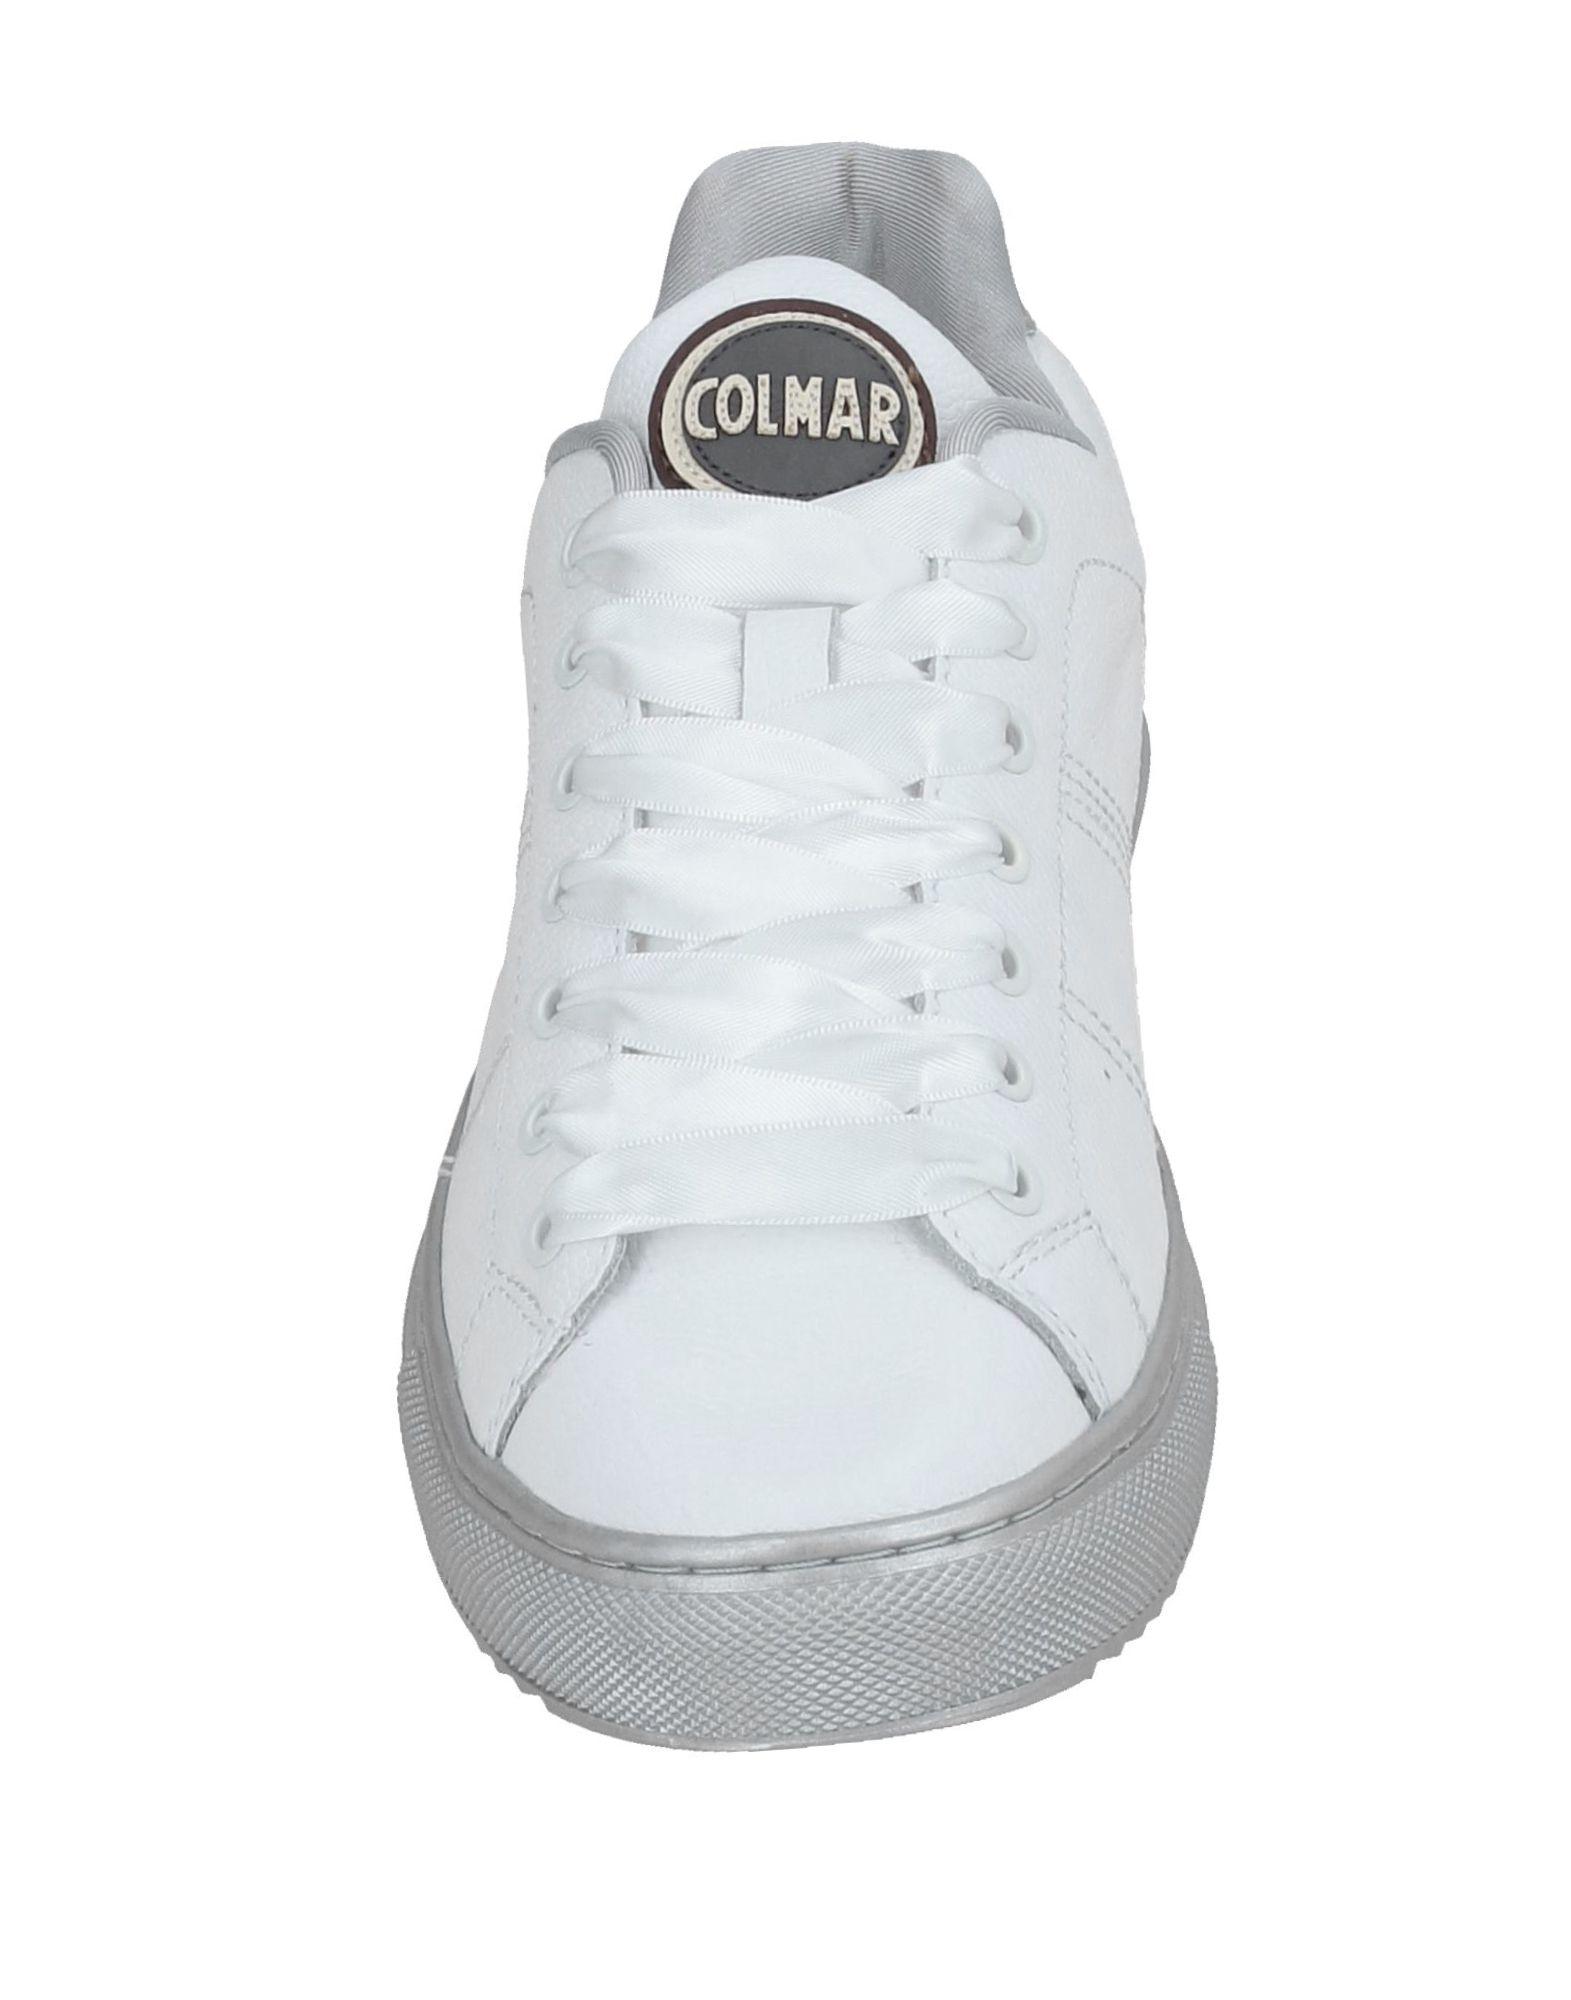 Colmar Sneakers Damen  11553292AH Schuhe Gute Qualität beliebte Schuhe 11553292AH 0b17d4